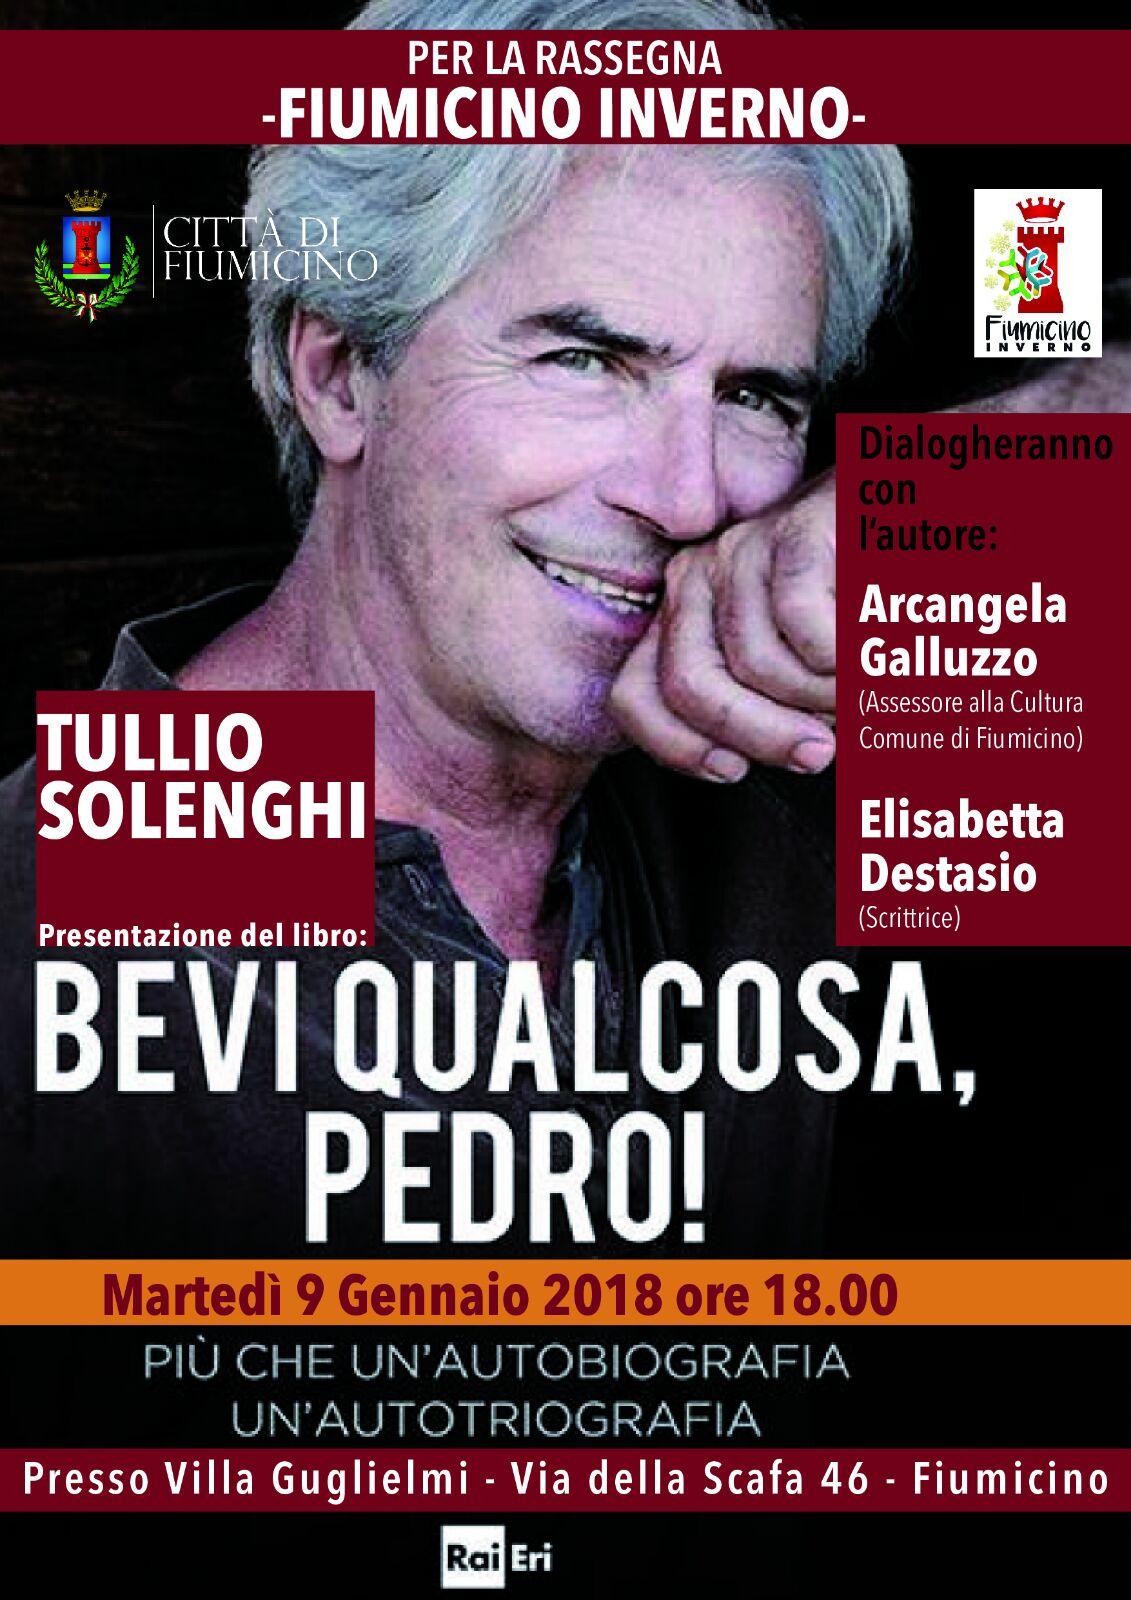 Tullio Solenghi 9 gennaio Fiumicino